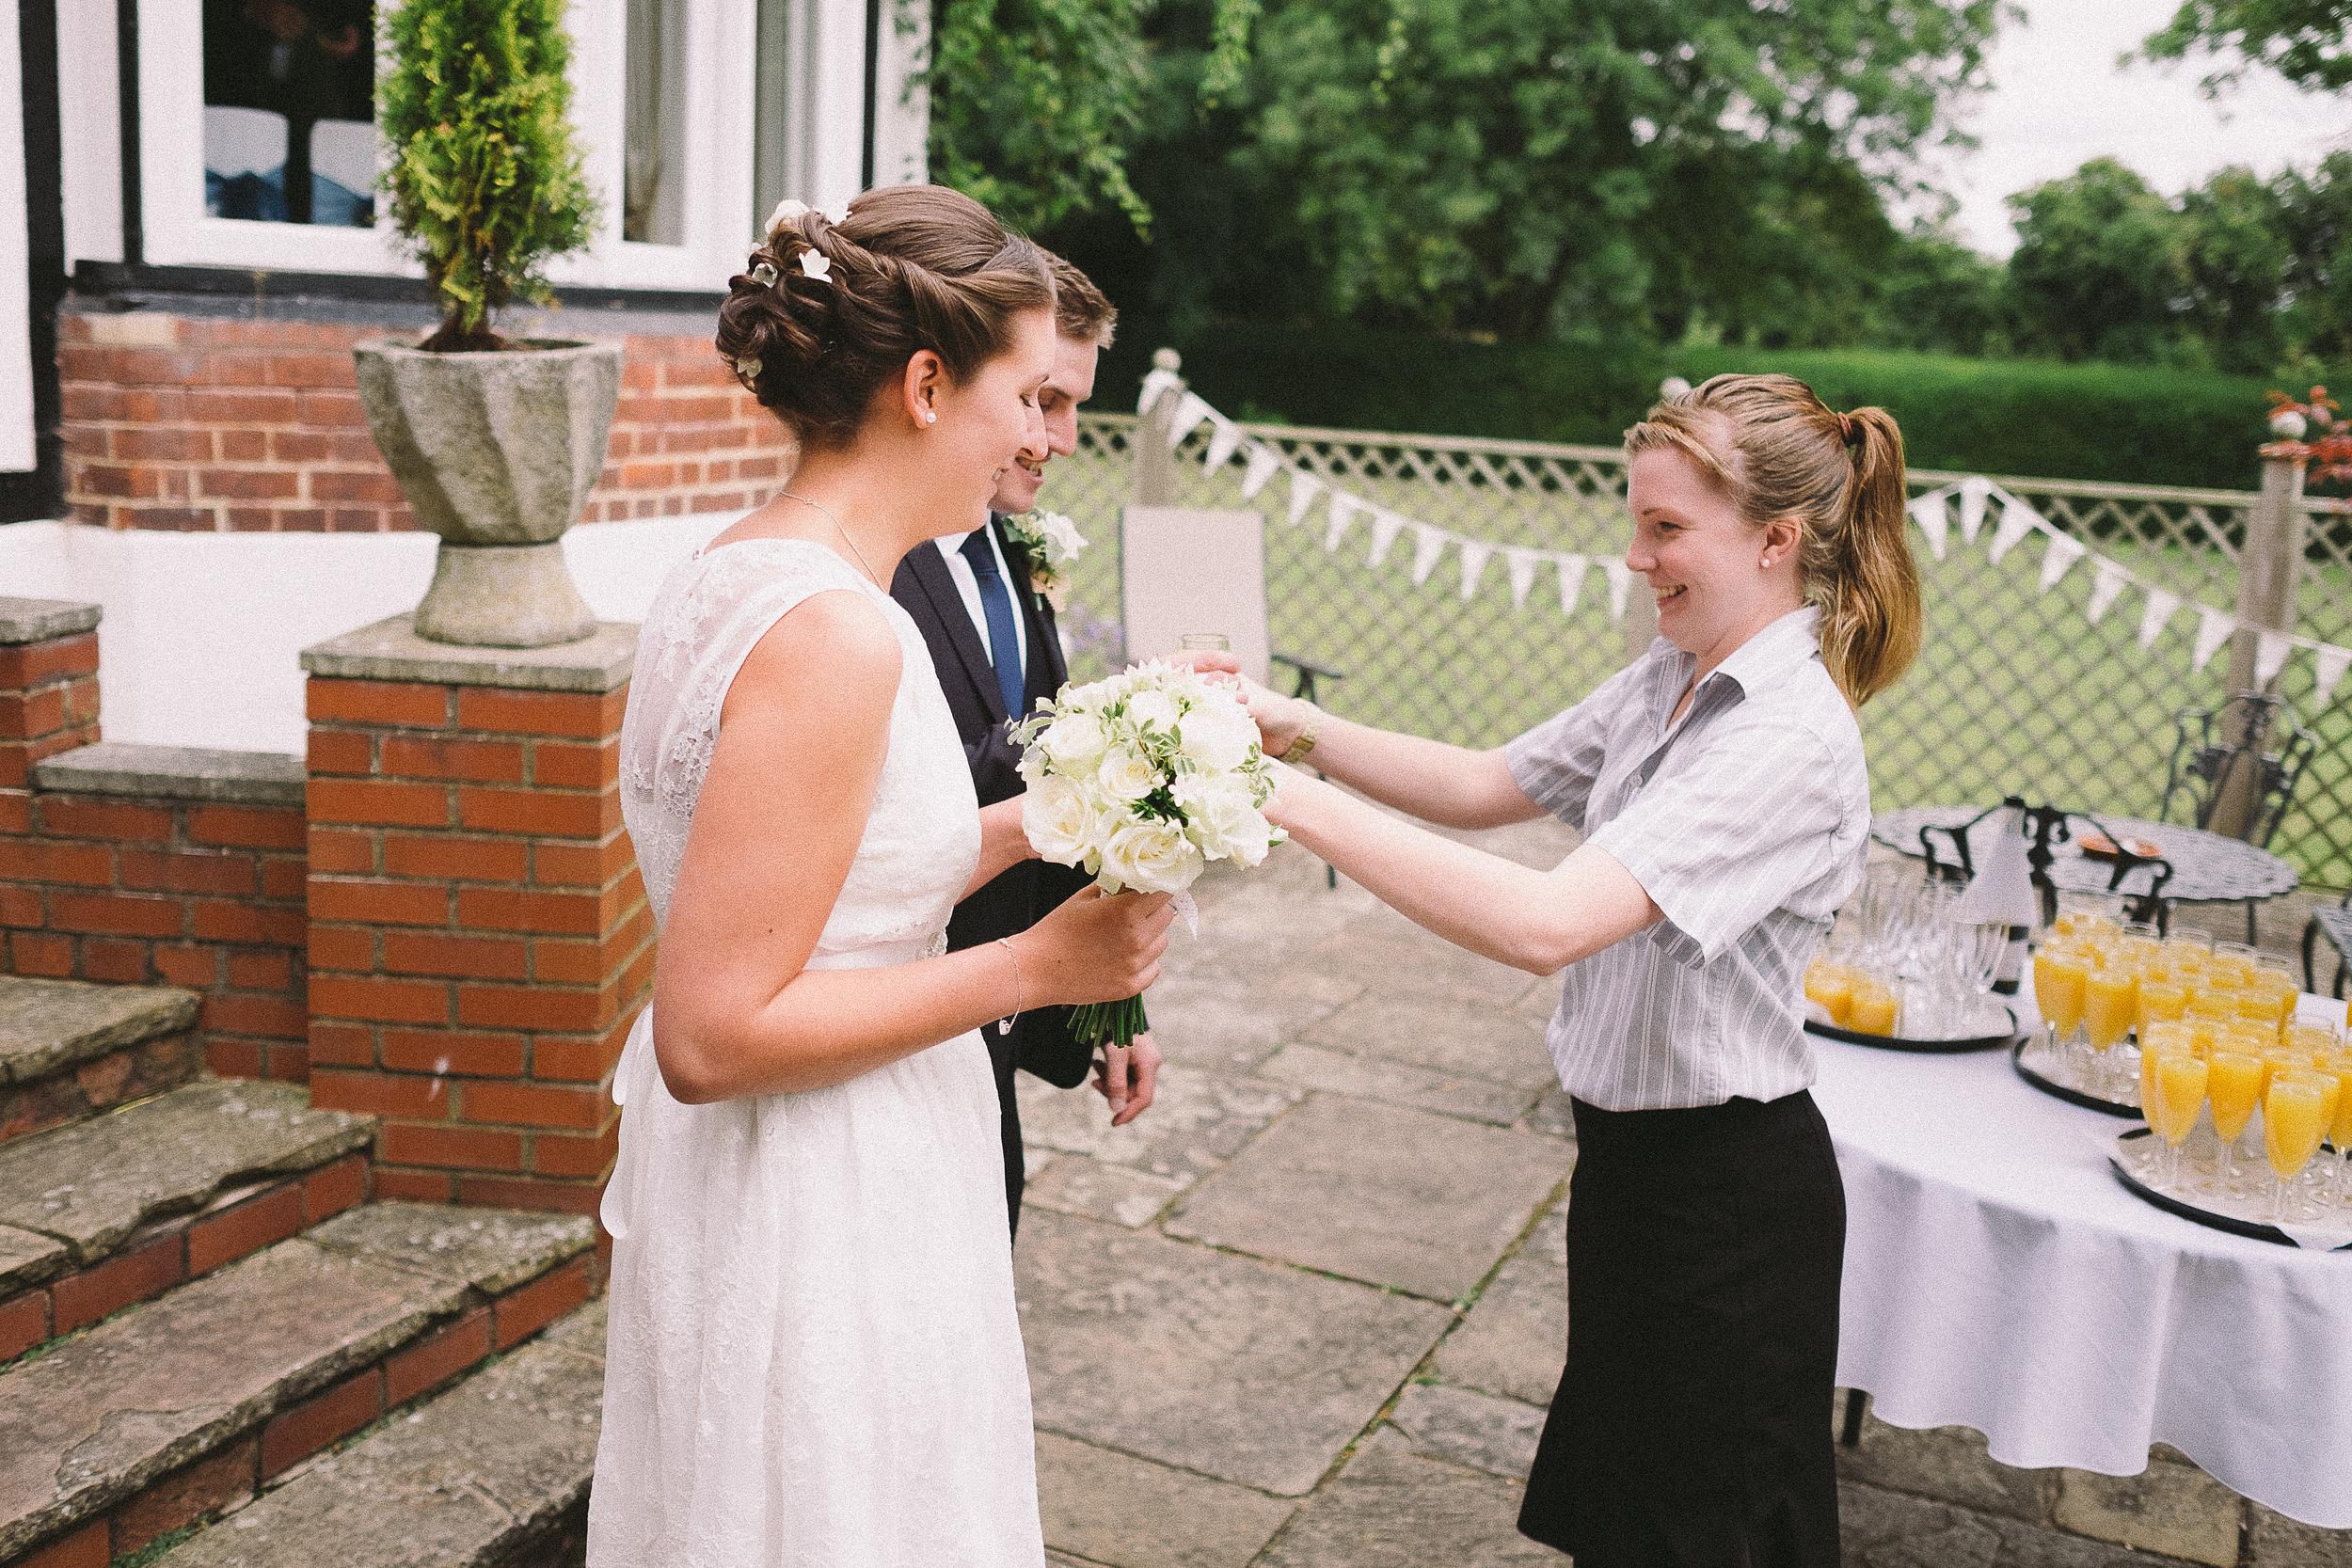 kerrie_nick_wedding-160.jpg